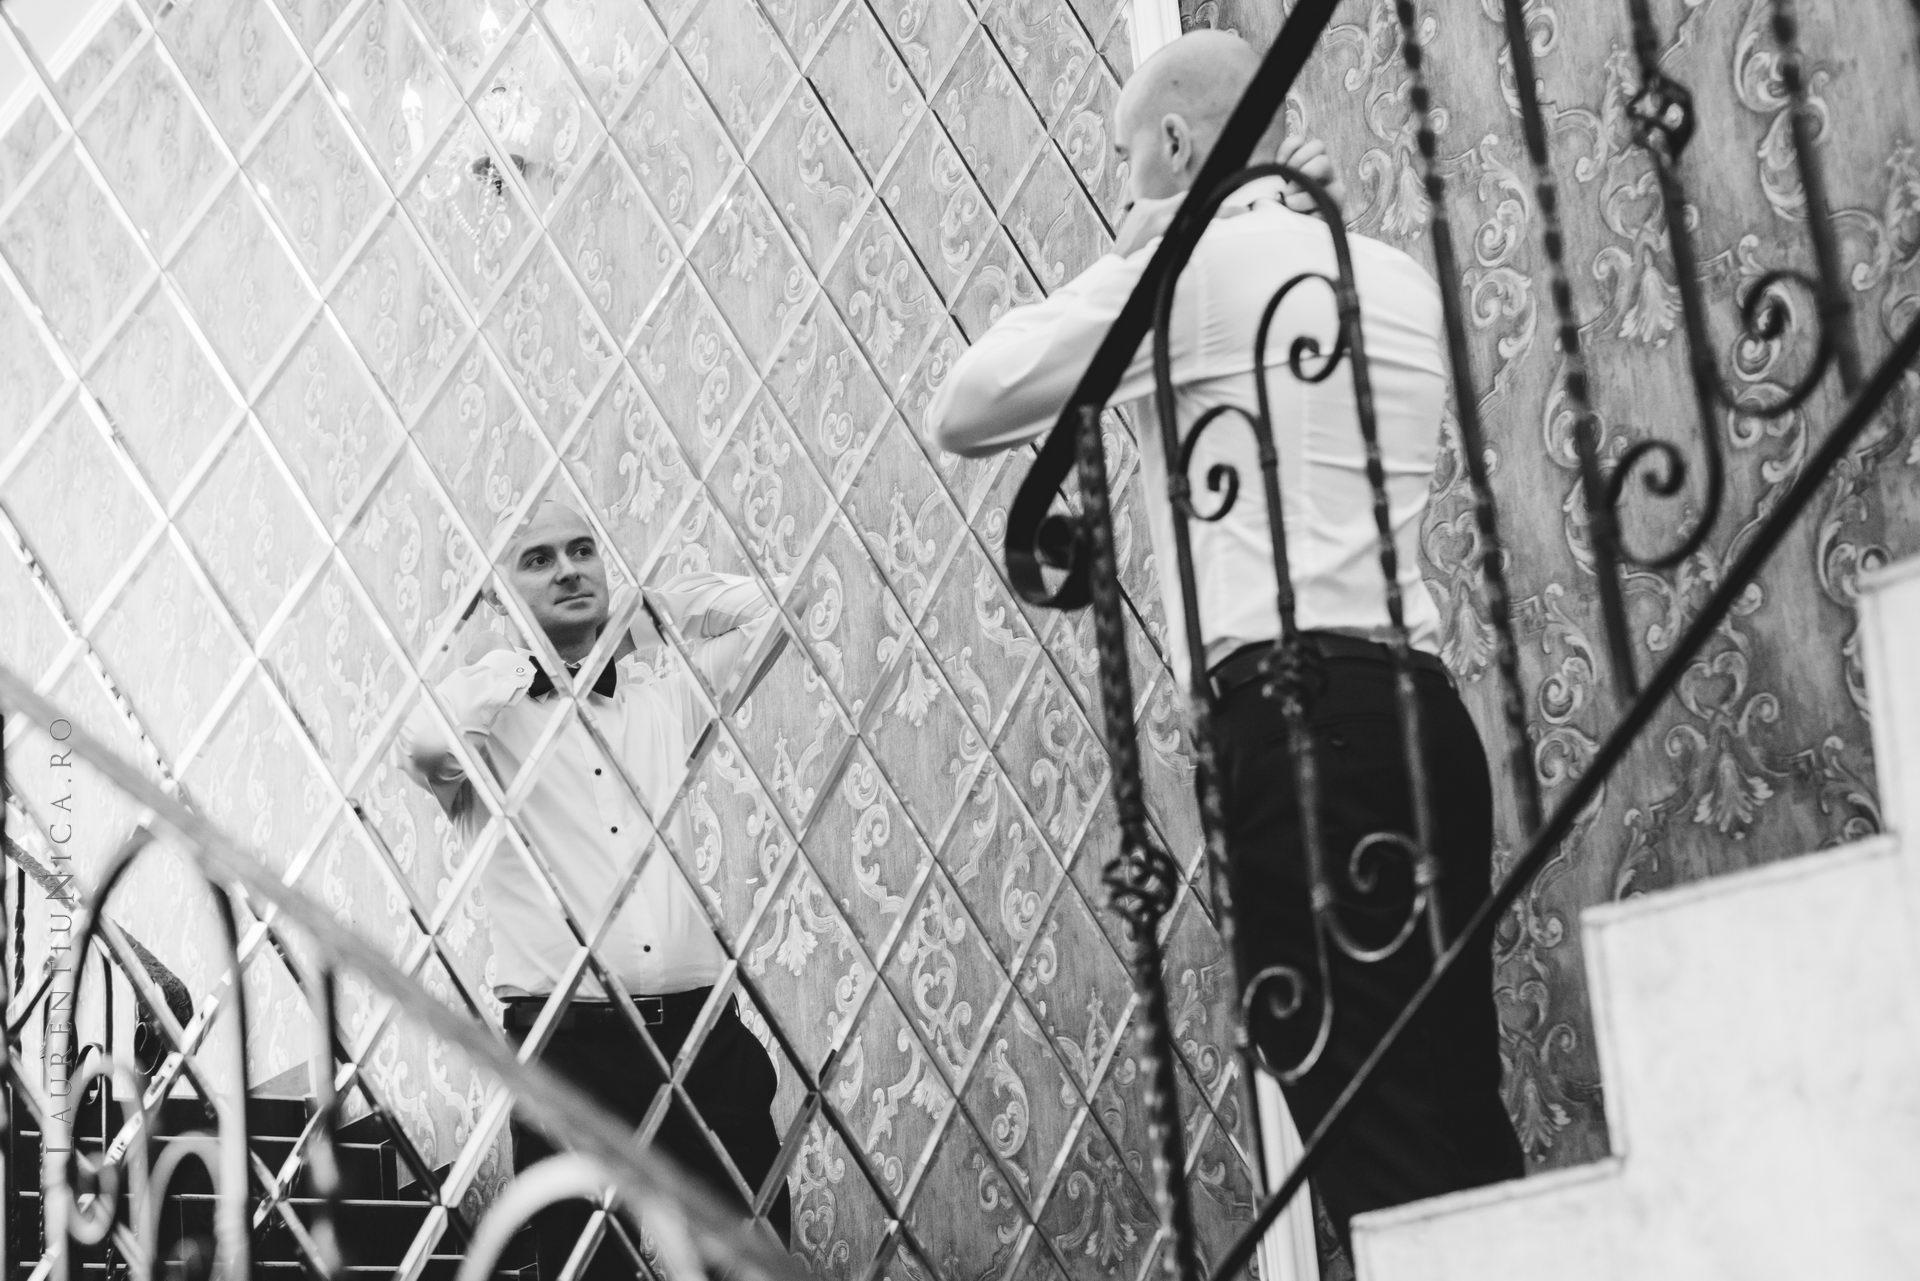 lavinia si adi fotograf laurentiu nica craiova 011 - Lavinia & Adi | Fotografii nunta